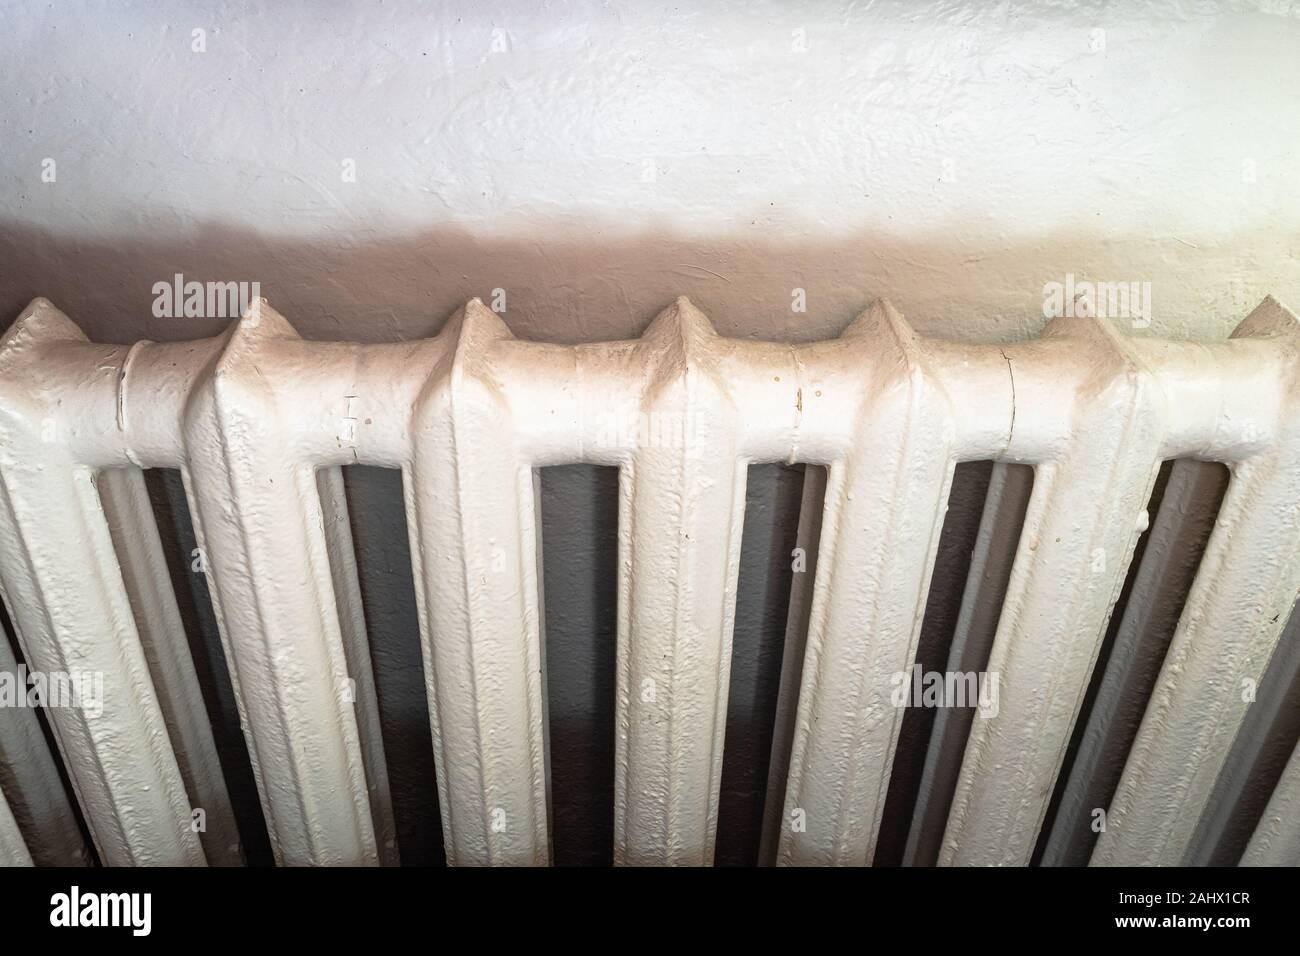 Costo Termosifoni In Ghisa radiatori in ghisa immagini & radiatori in ghisa fotos stock